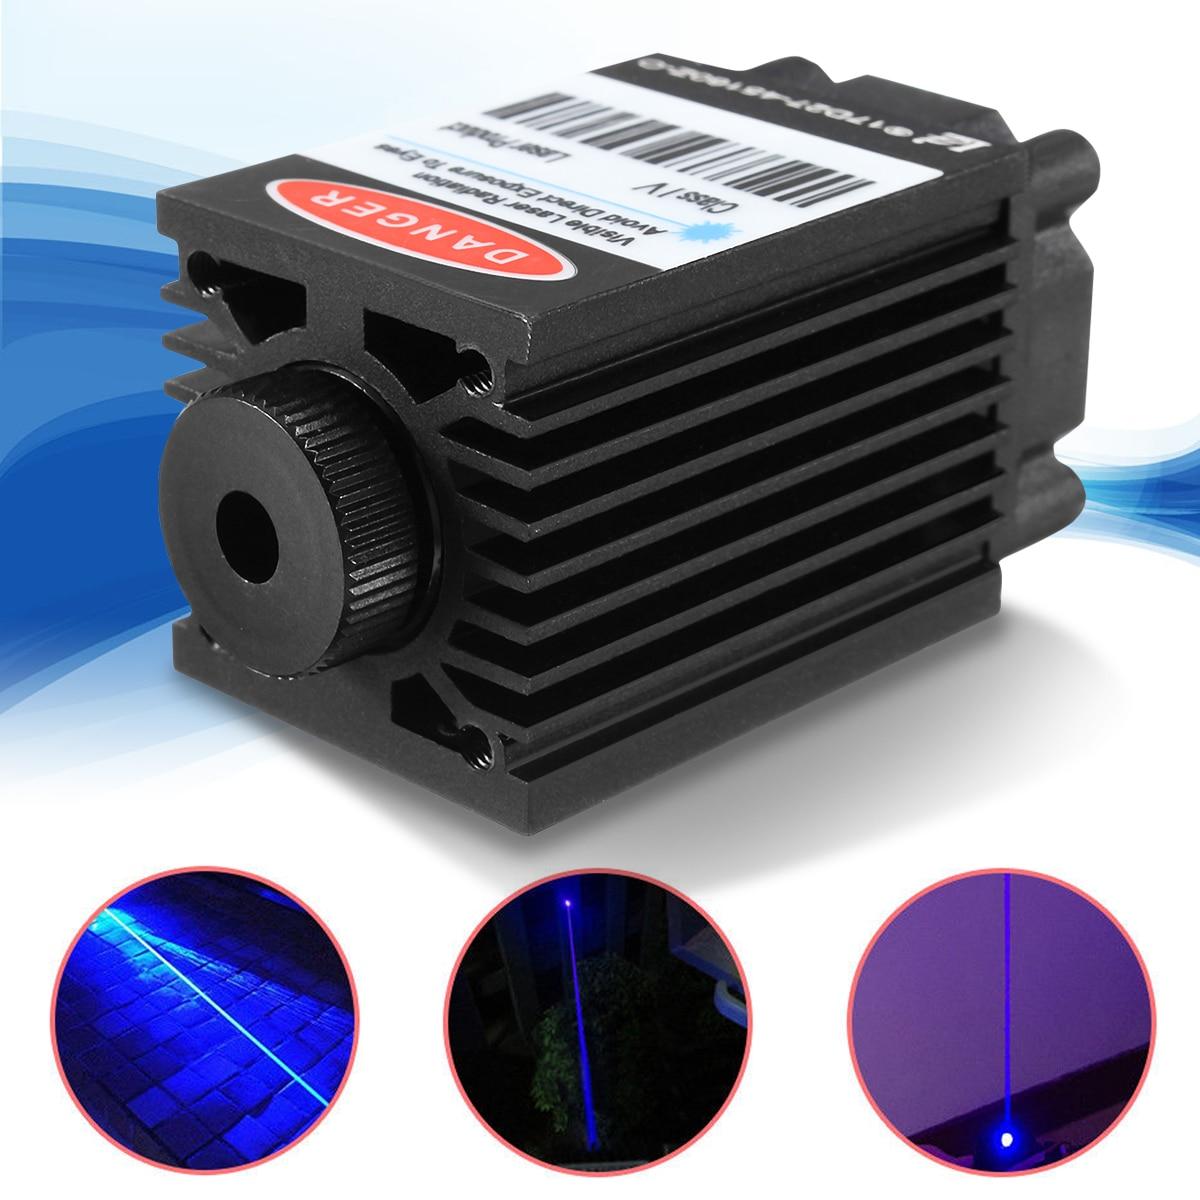 450нм 2500 мВт Высокая мощность фокусировка синий лазерный модуль TTL 12 В DIY режущий лазер cnc гравер аксессуары 2,5 Вт + очки